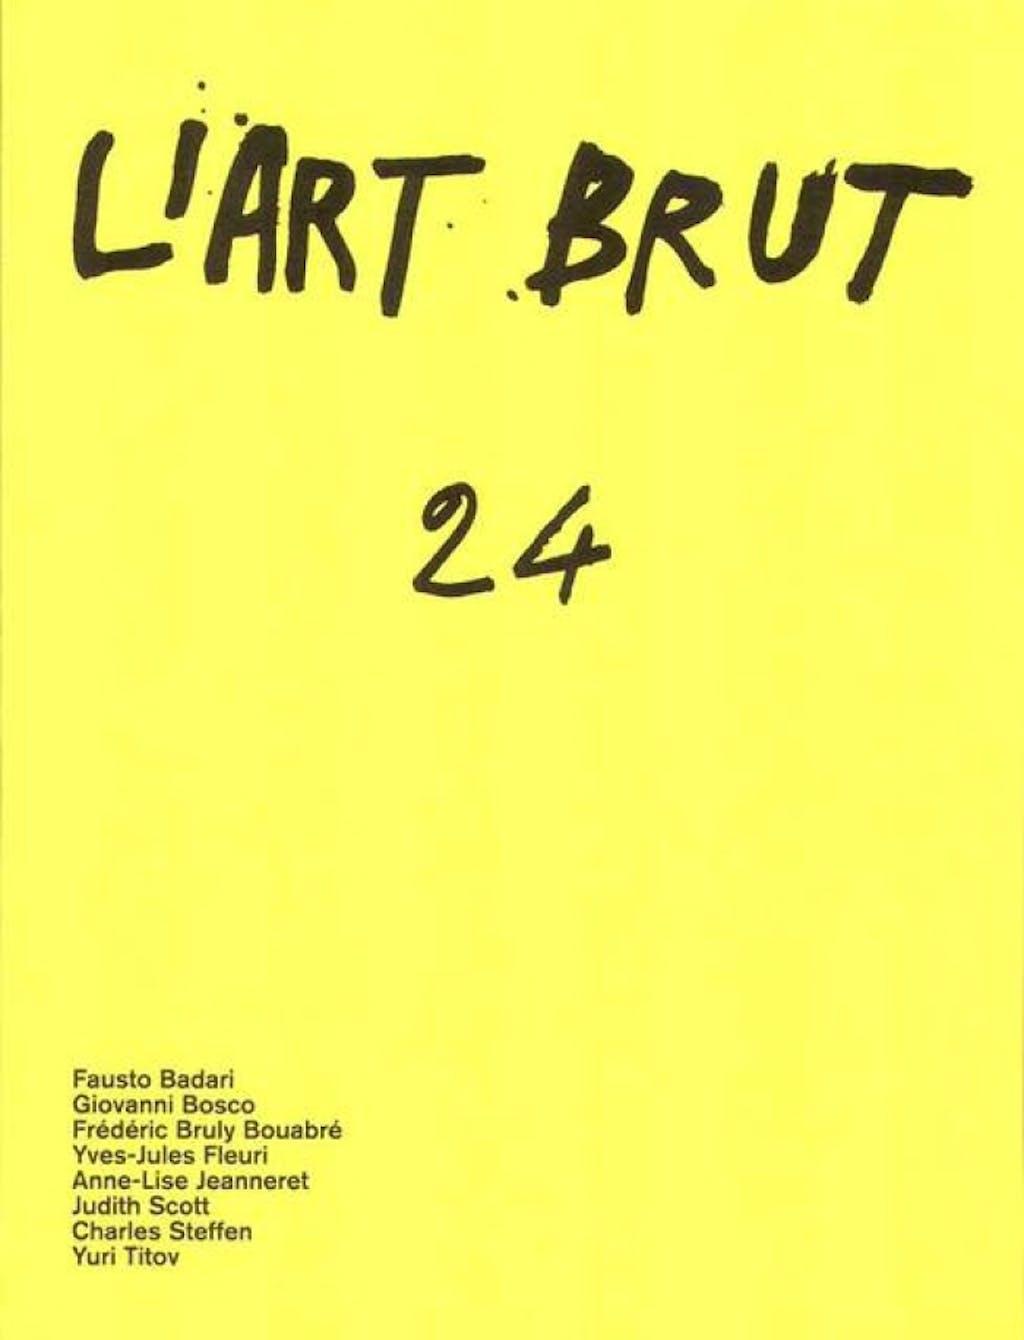 Fascicule de l'art brut n°24 - © christian berst — art brut